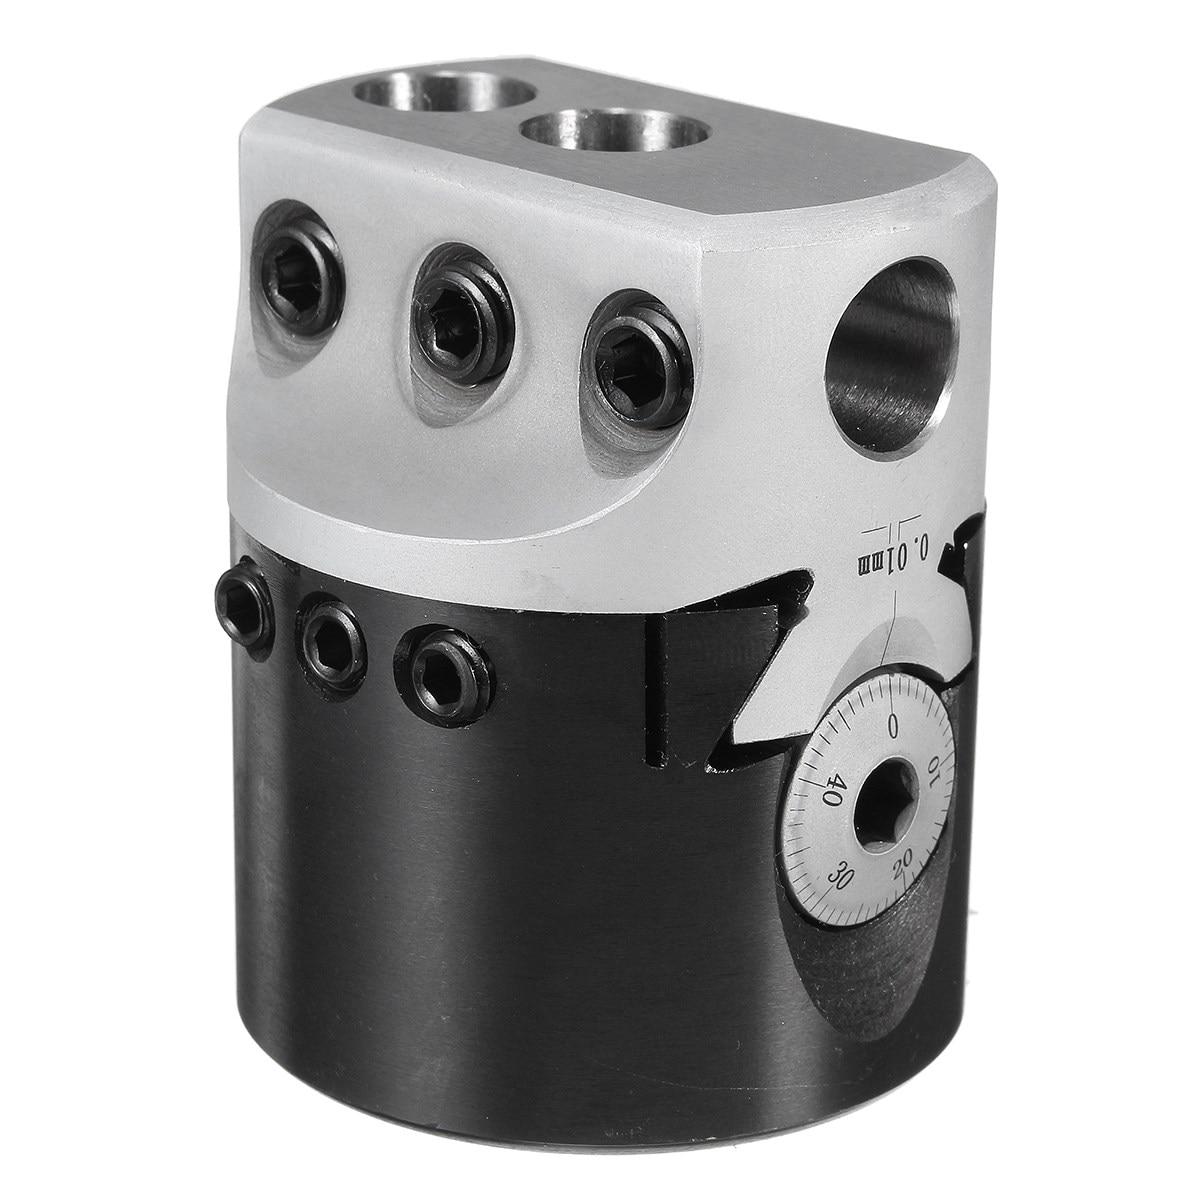 50 мм скучно голову F1 12 Диаметр для Токарный станок фрезерный Новое поступление отличное качество с 3 т ключ прочный в Применение